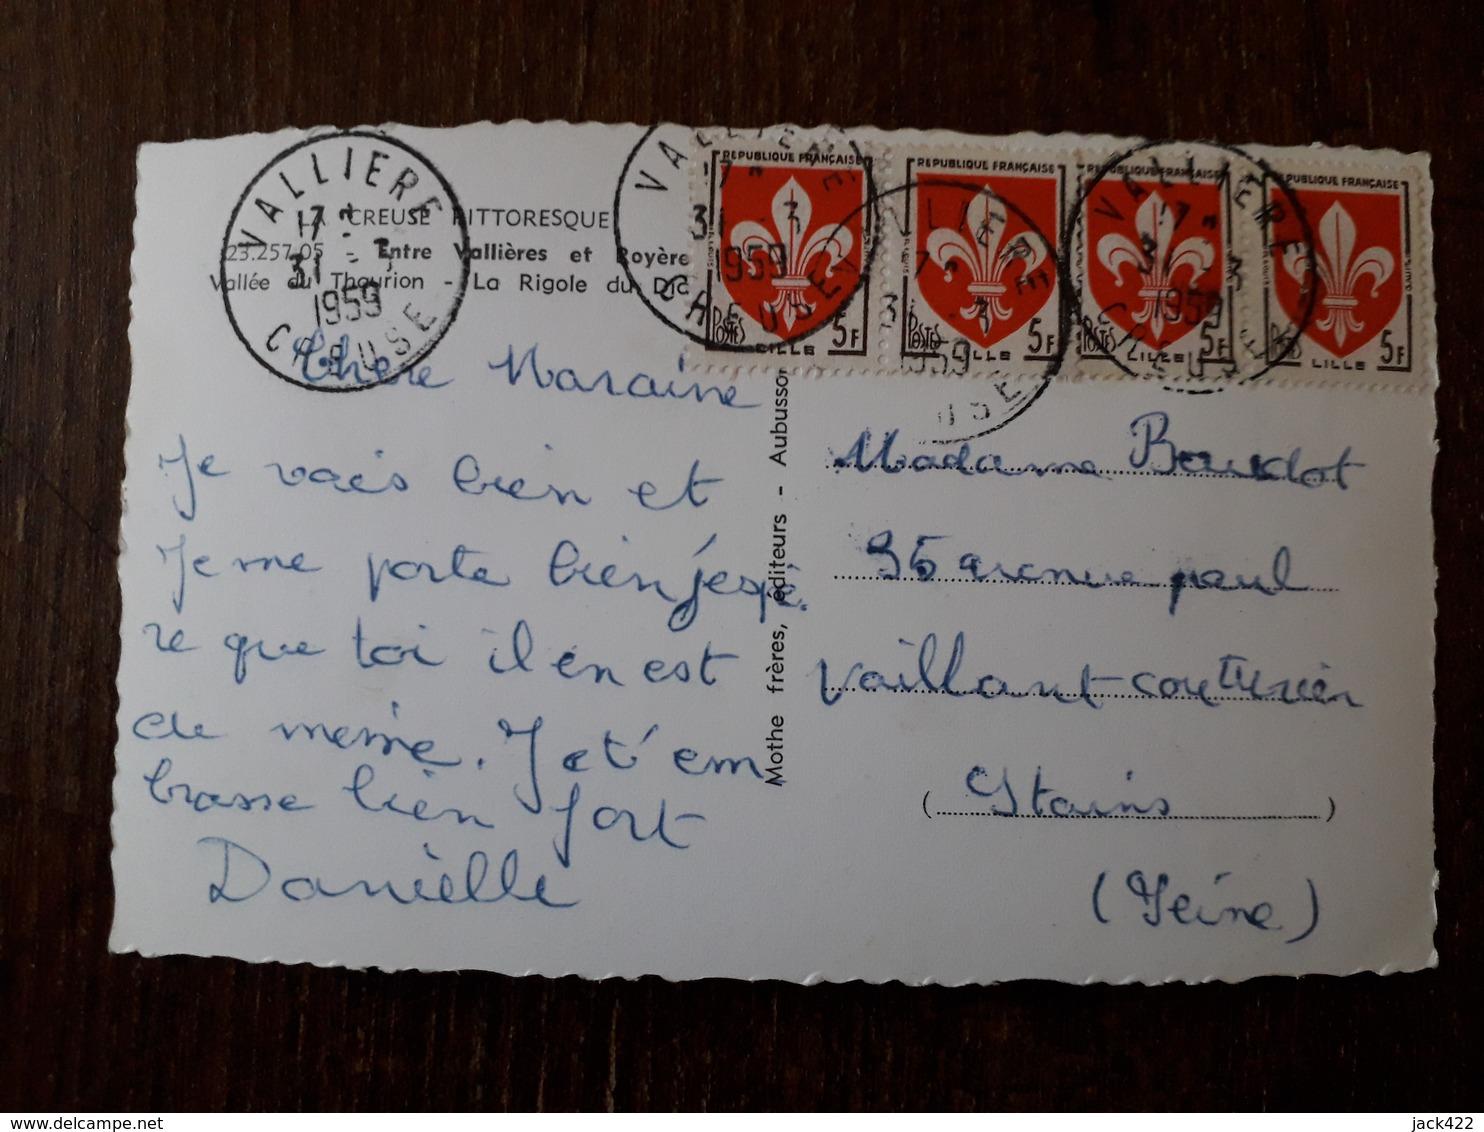 L22/999 Entre VALLIERES Et ROYERES . La Rigole Du Diable - France